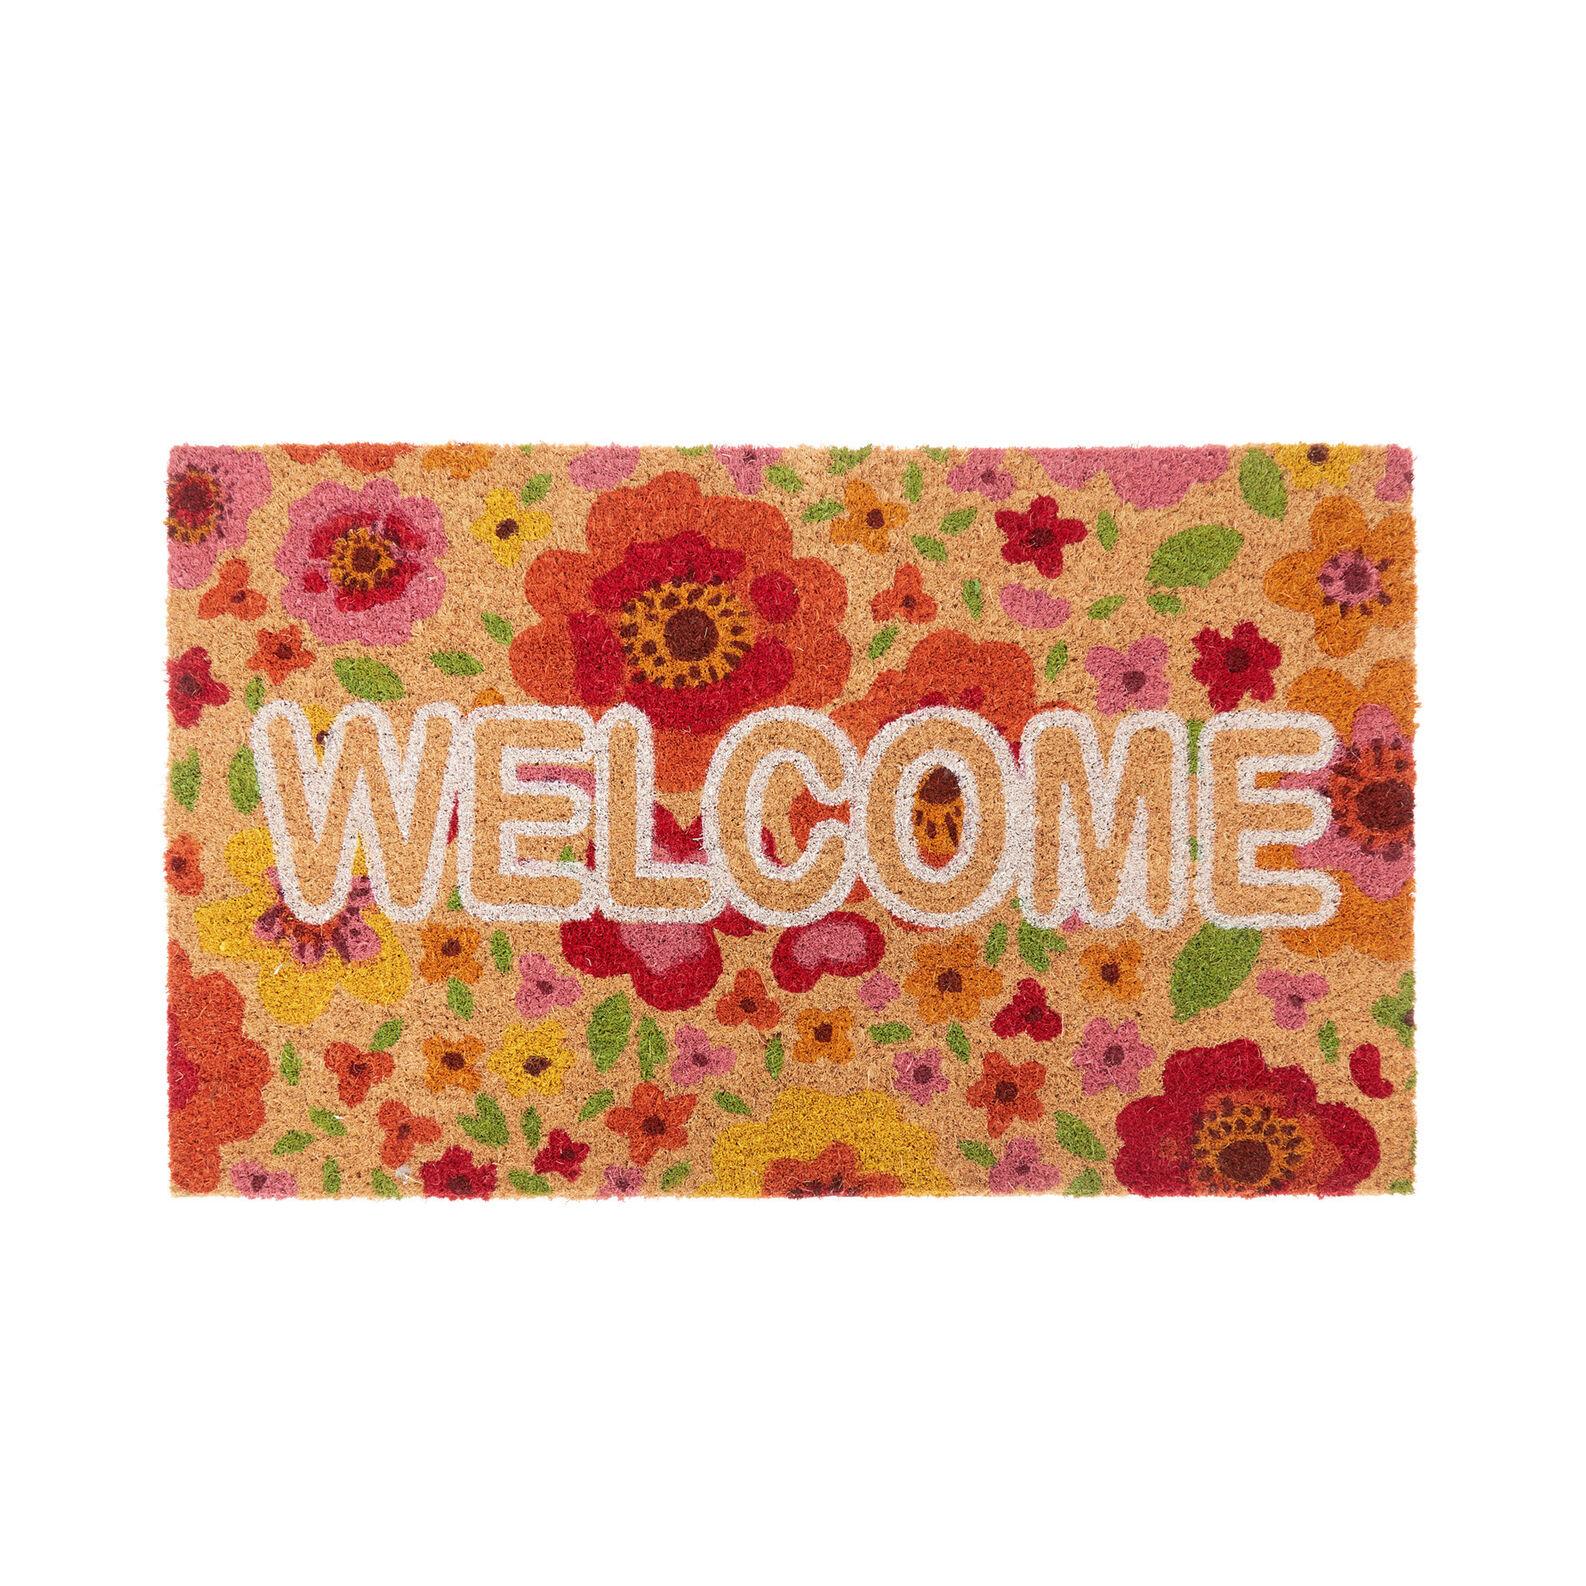 Coconut doormat with floral motif